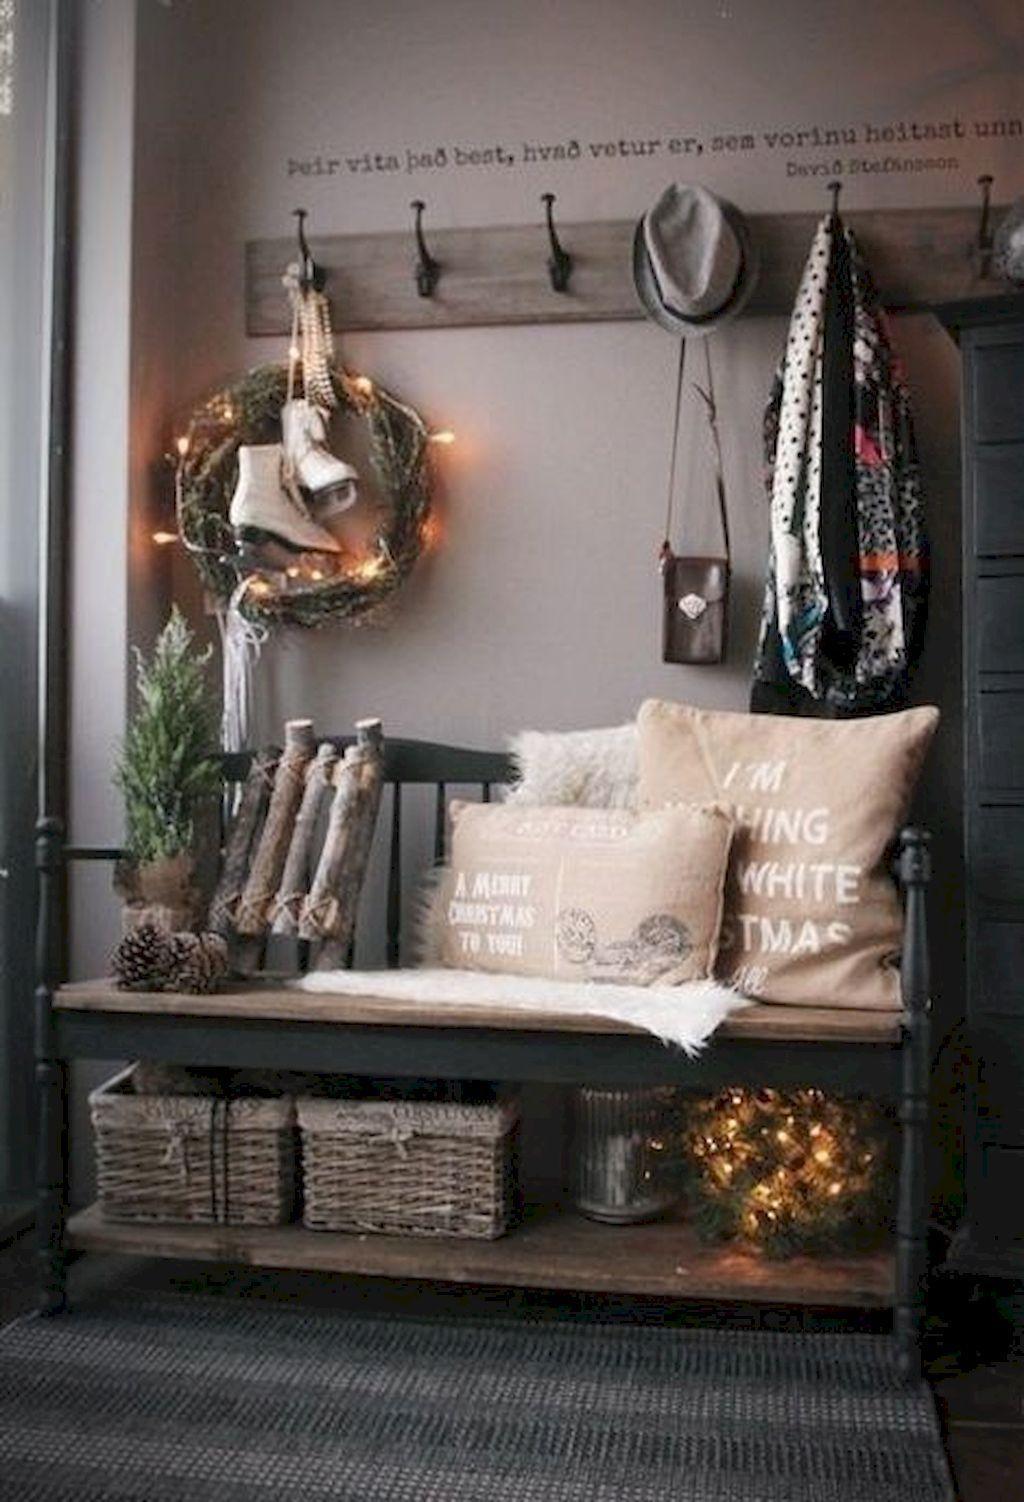 Simple diy room decorations  easy and simple diy rustic home decor ideas  simple diy diy